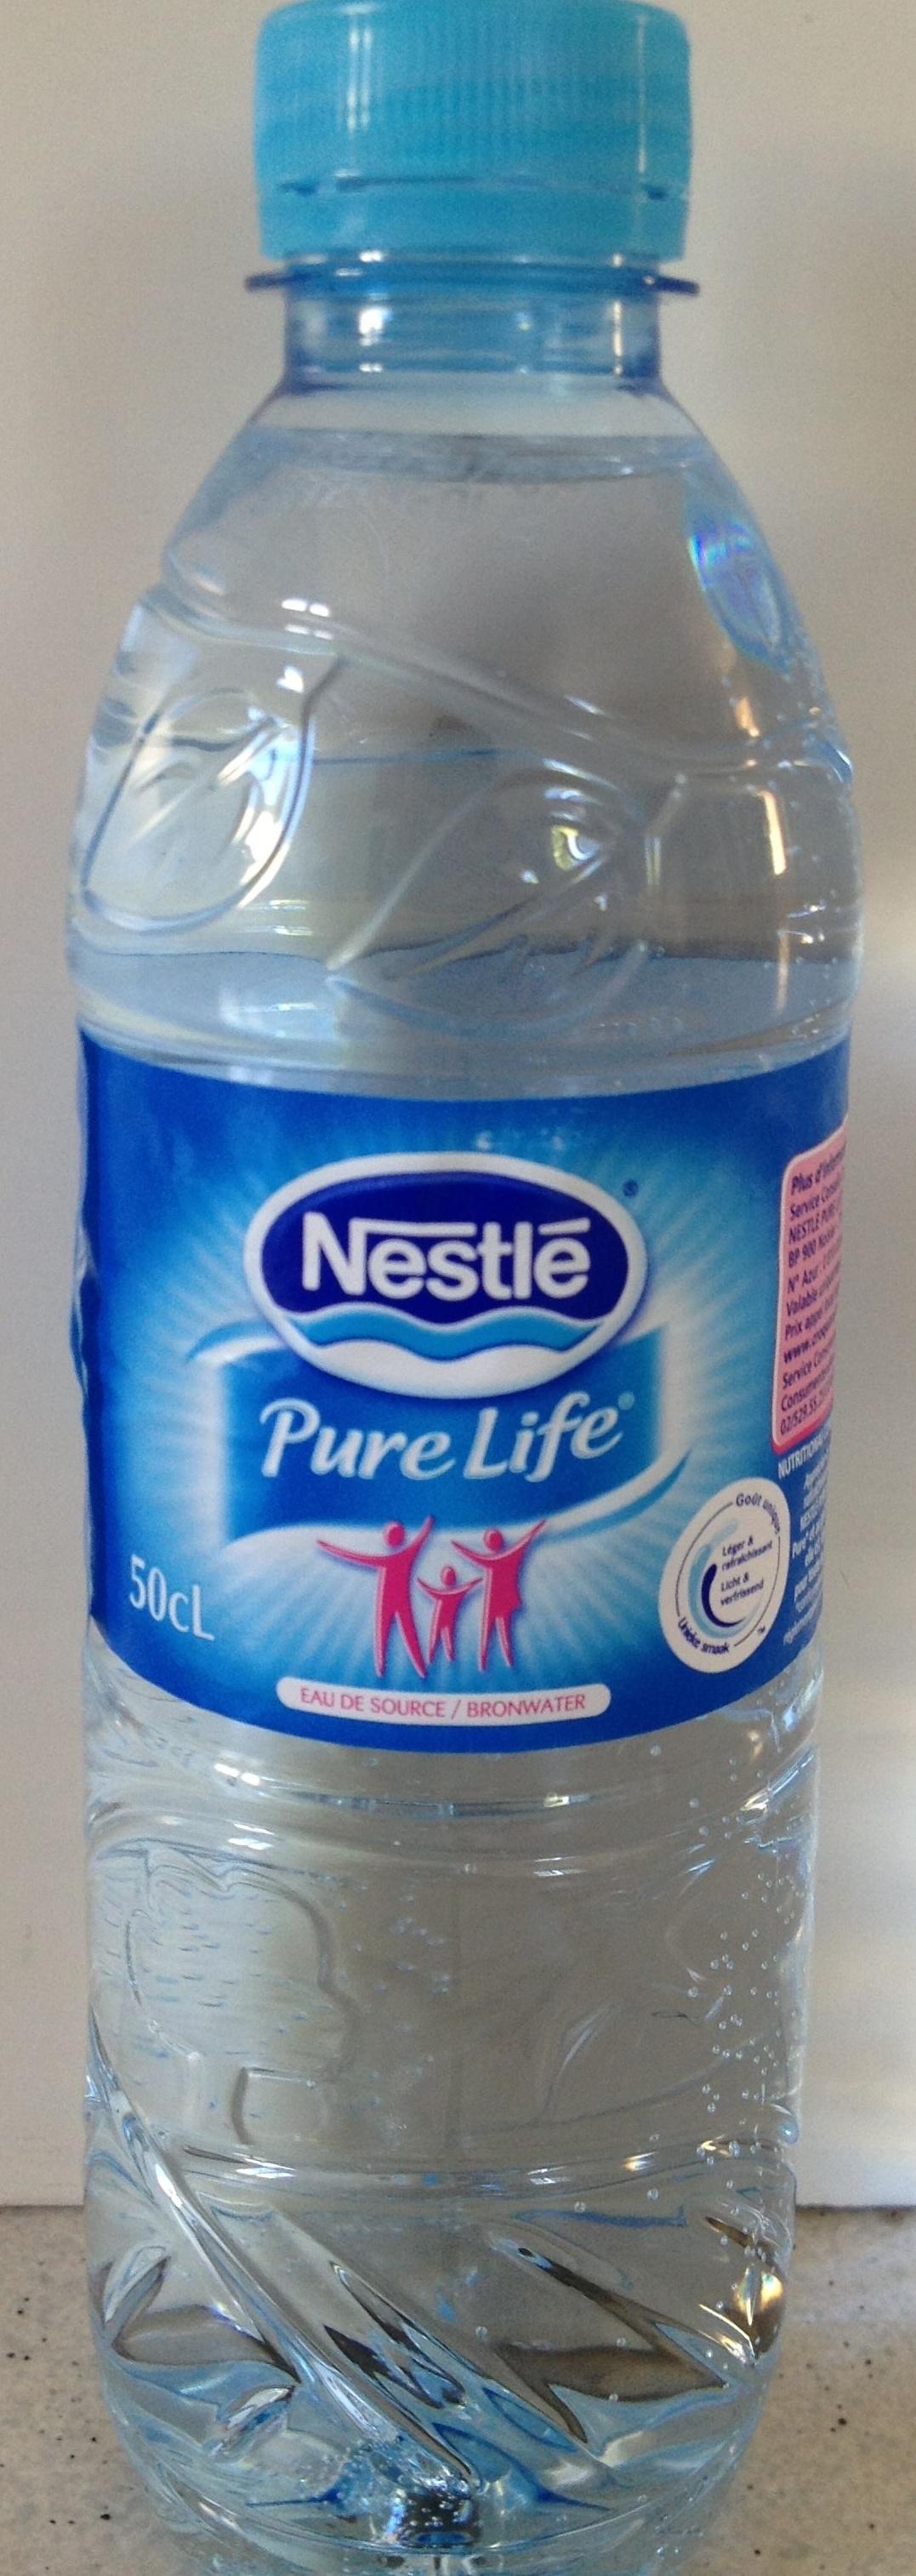 Eau Pure Life - Producto